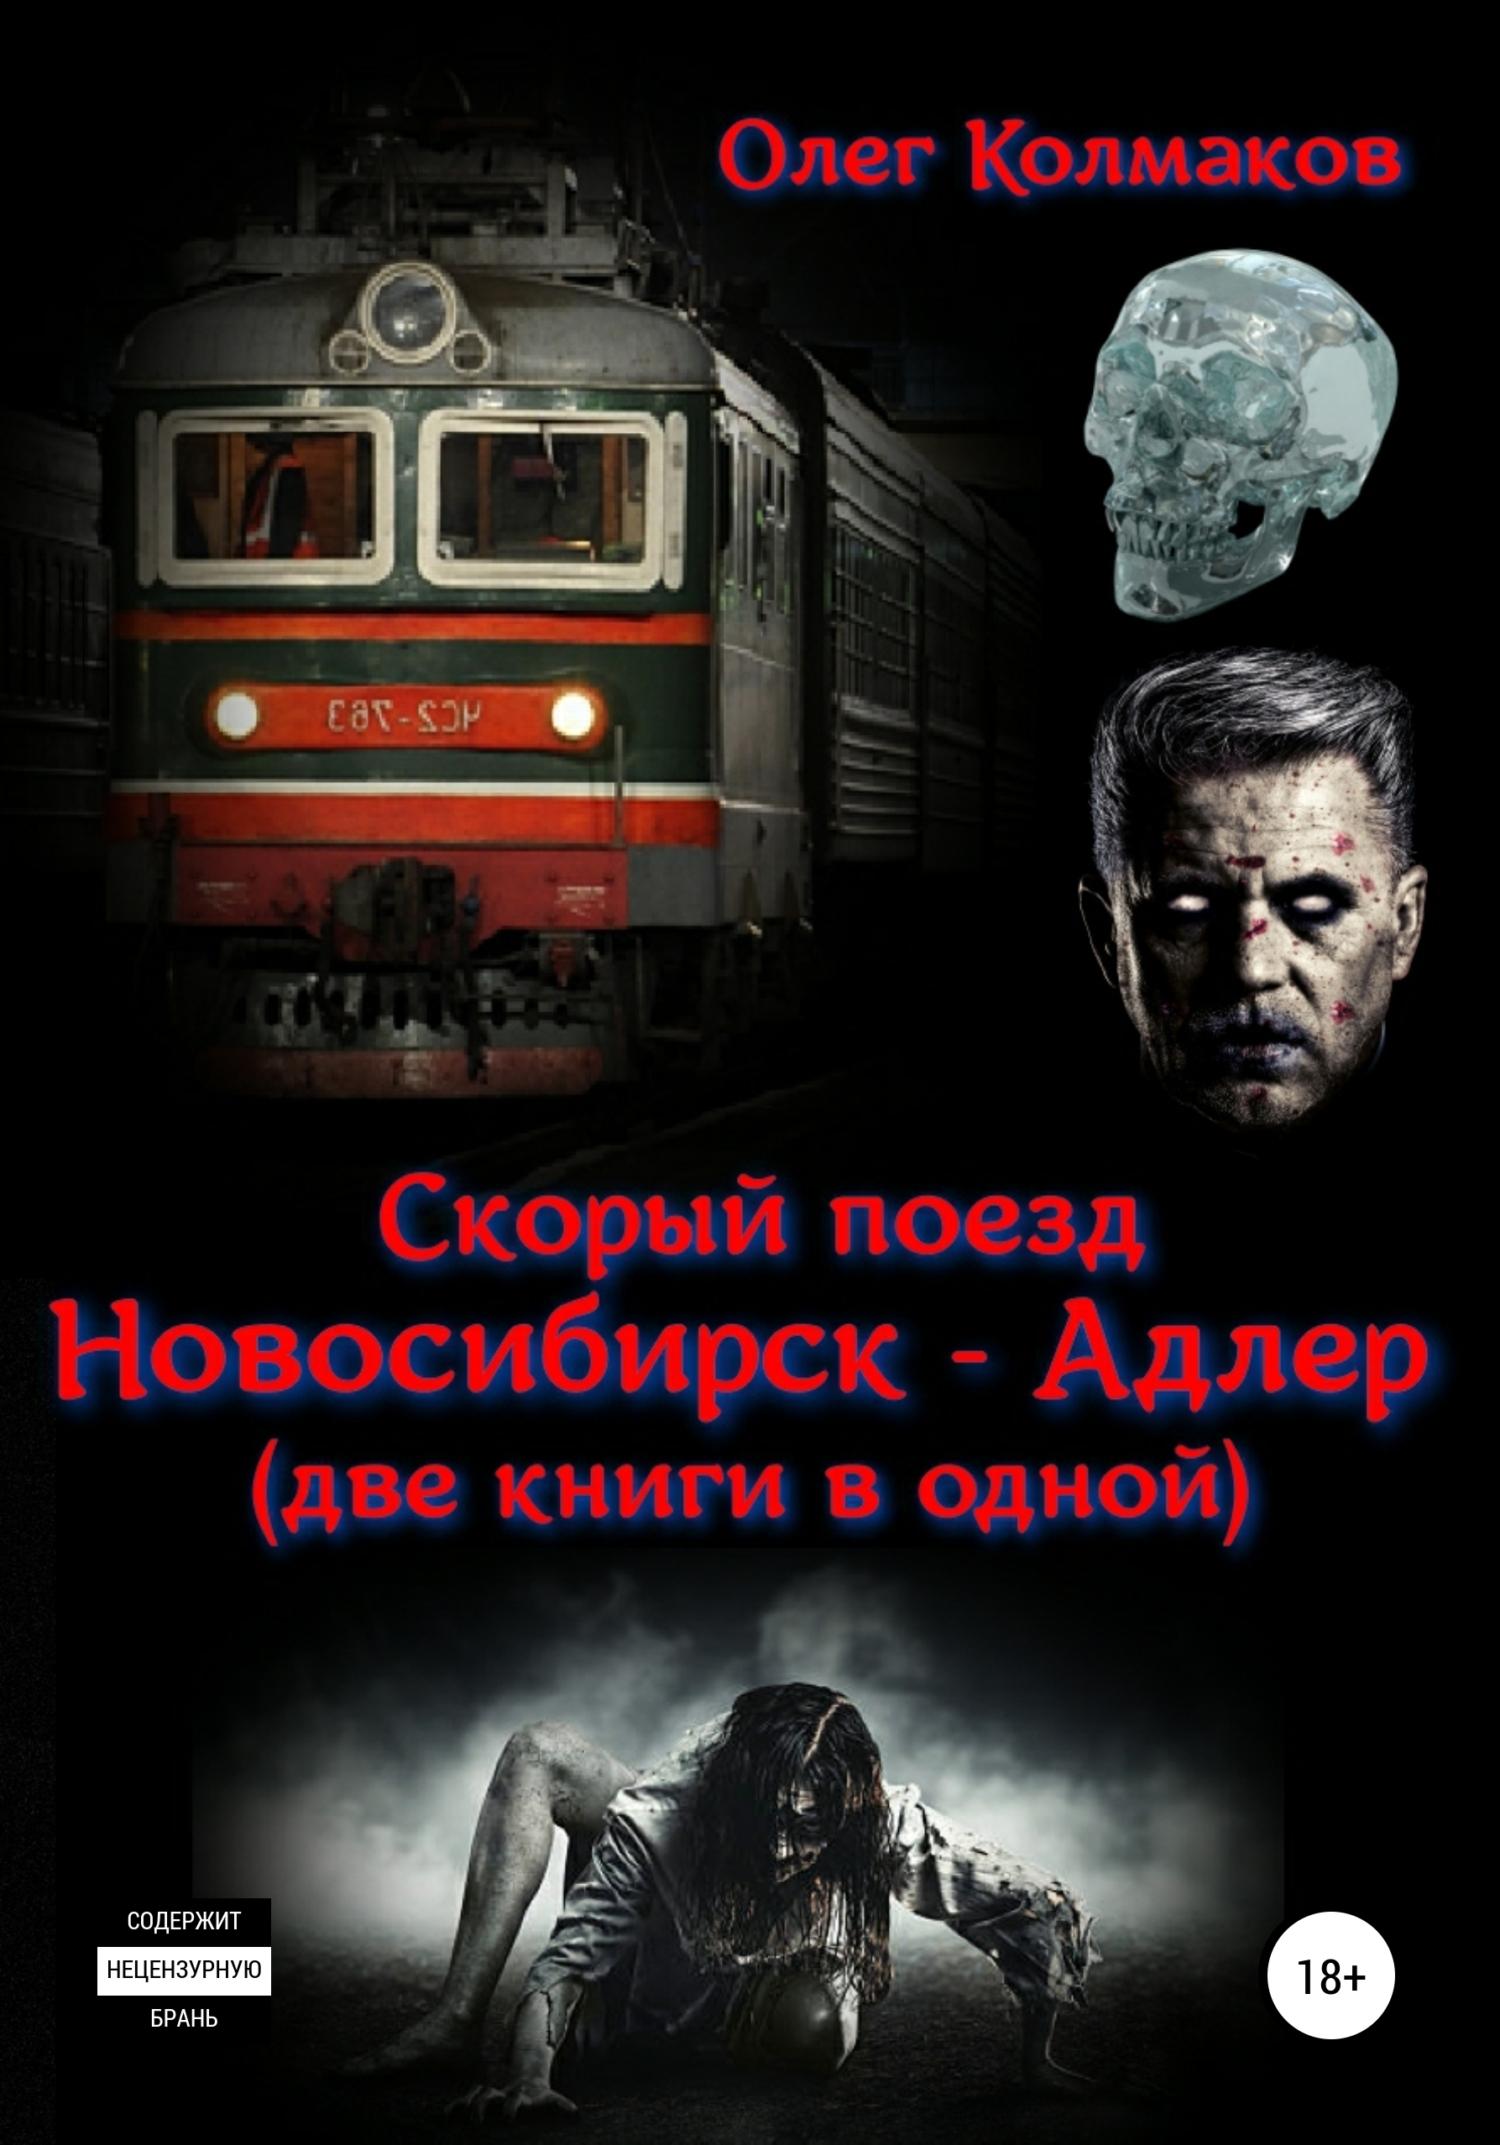 Скорый поезд «Новосибирск – Адлер» (две книги в одной)